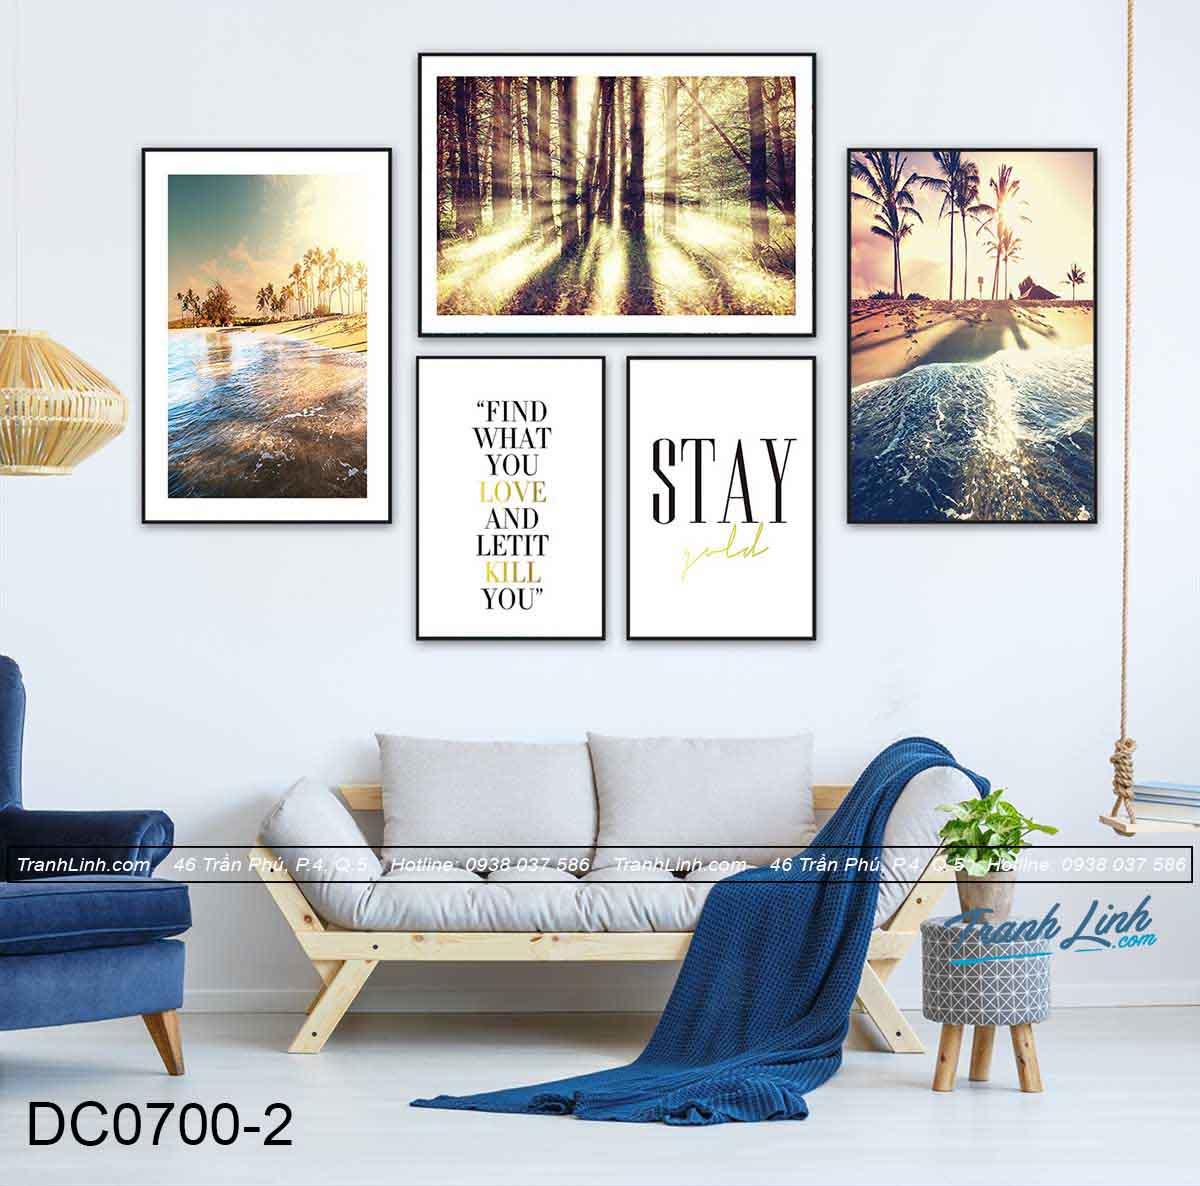 bo-tranh-canvas-treo-tuong-trang-tri-hoa-tiet-dc0700-1.jpg